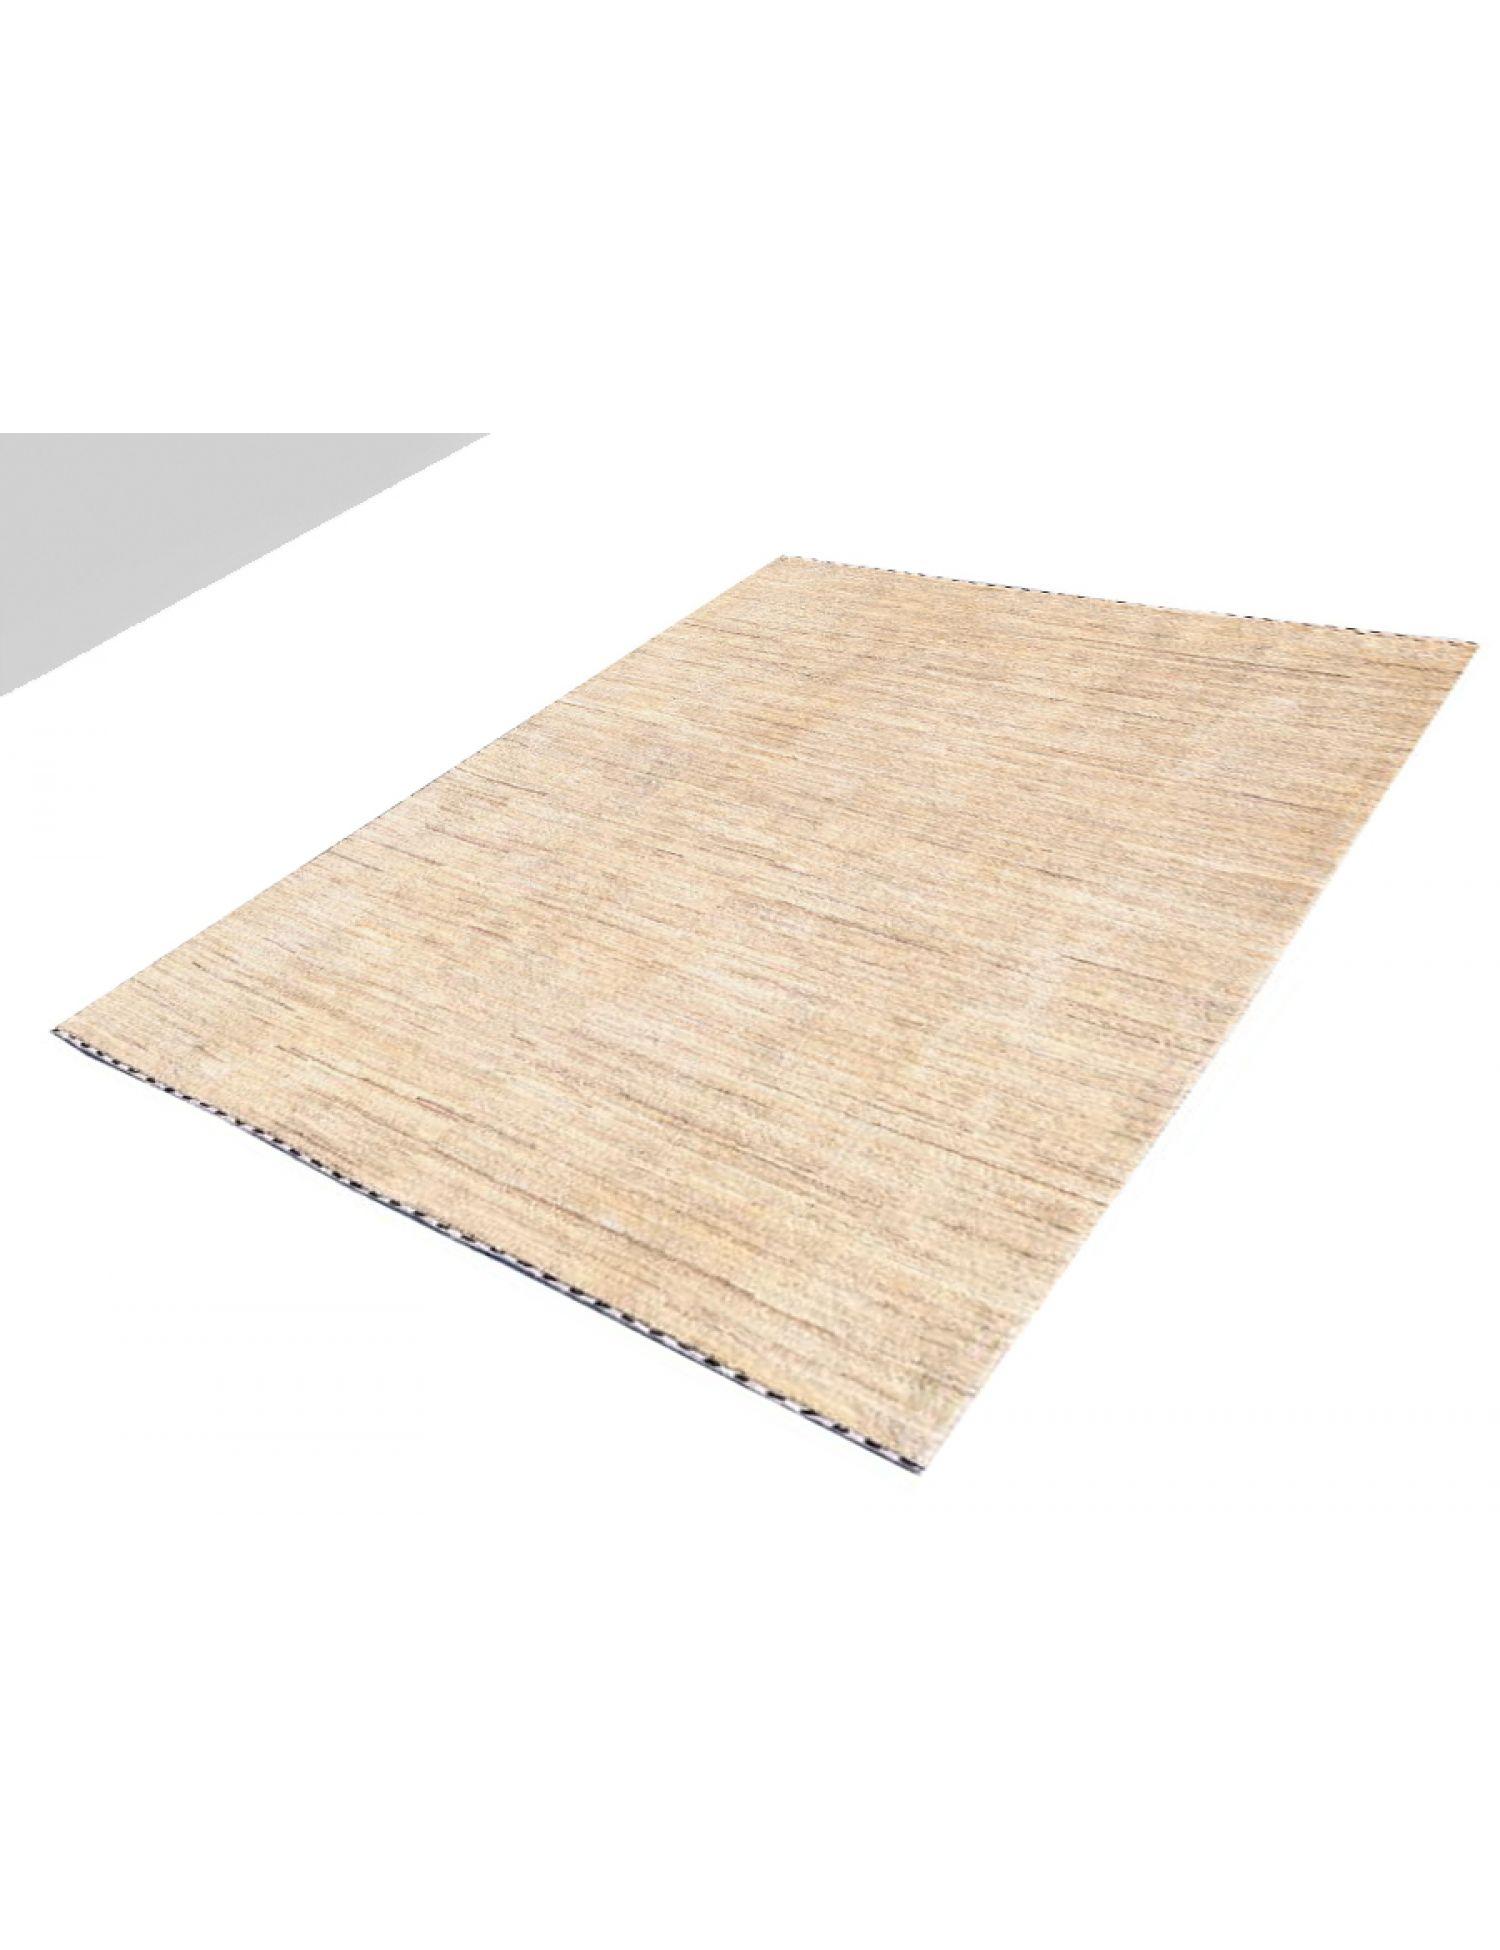 Moderne Teppiche   <br/>174 x 129 cm